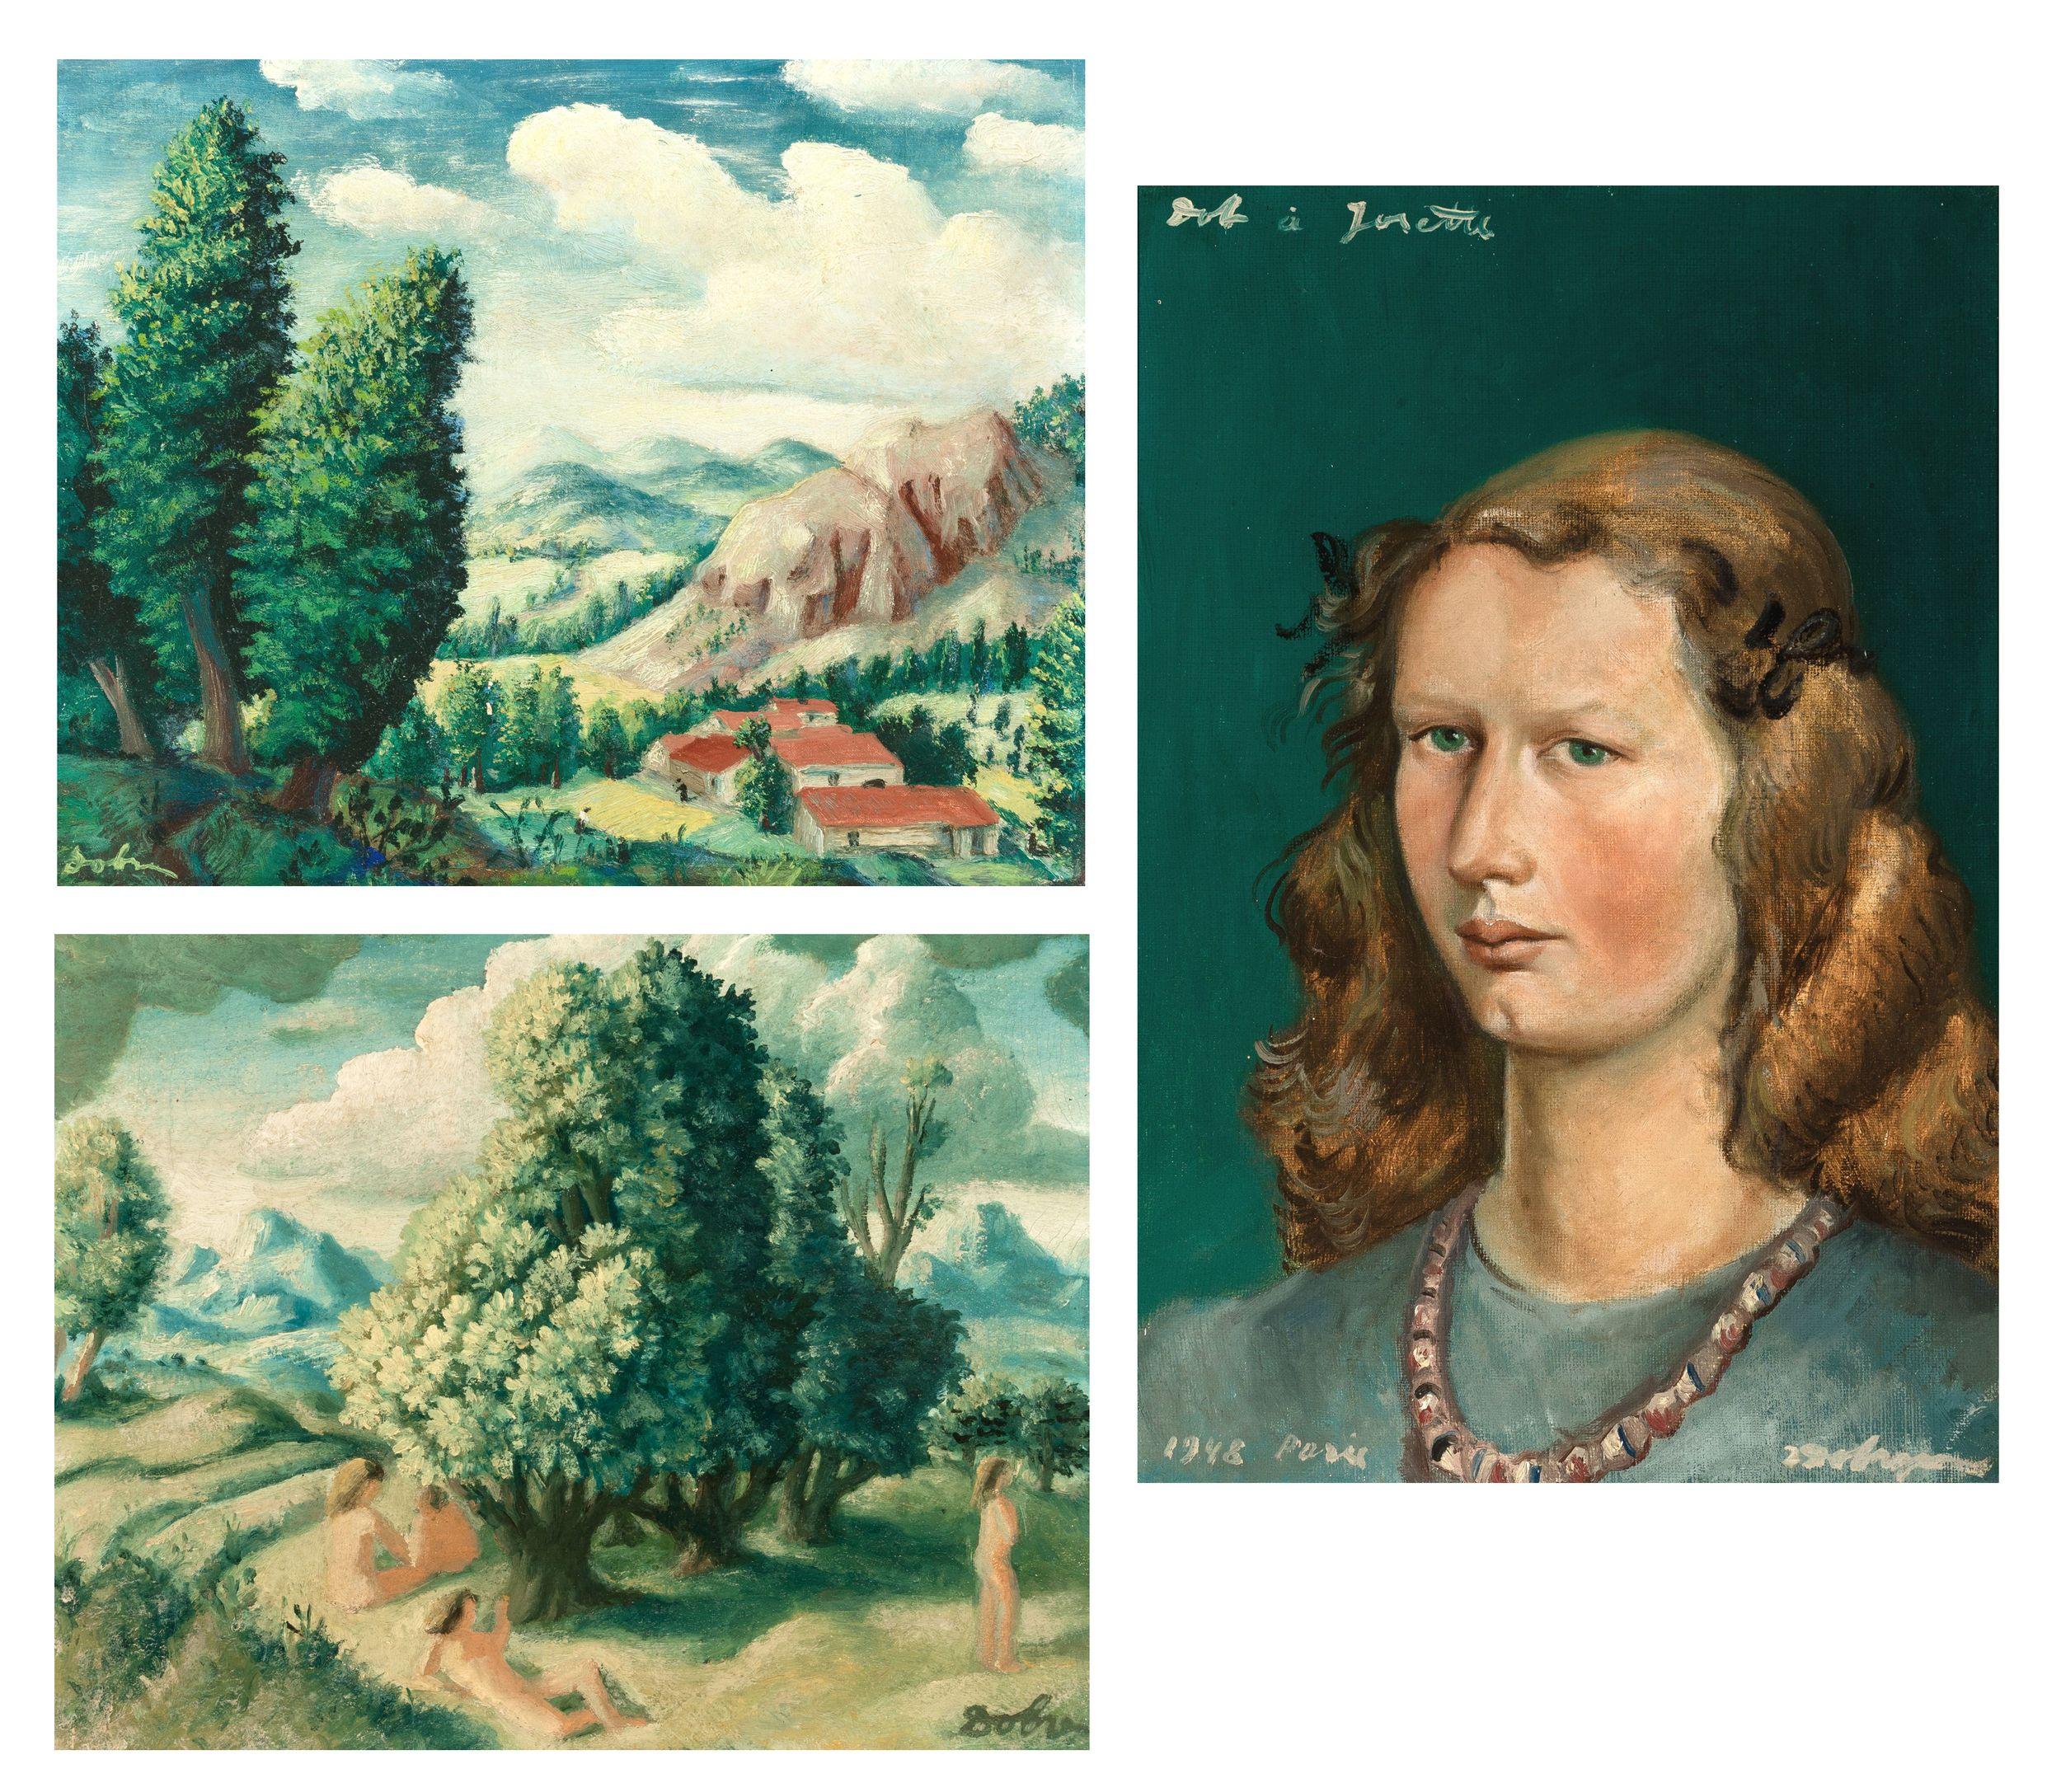 Zygmunt Dobrzycki (1896-1970) Zestaw 3 prac, źródło: De Vuyst